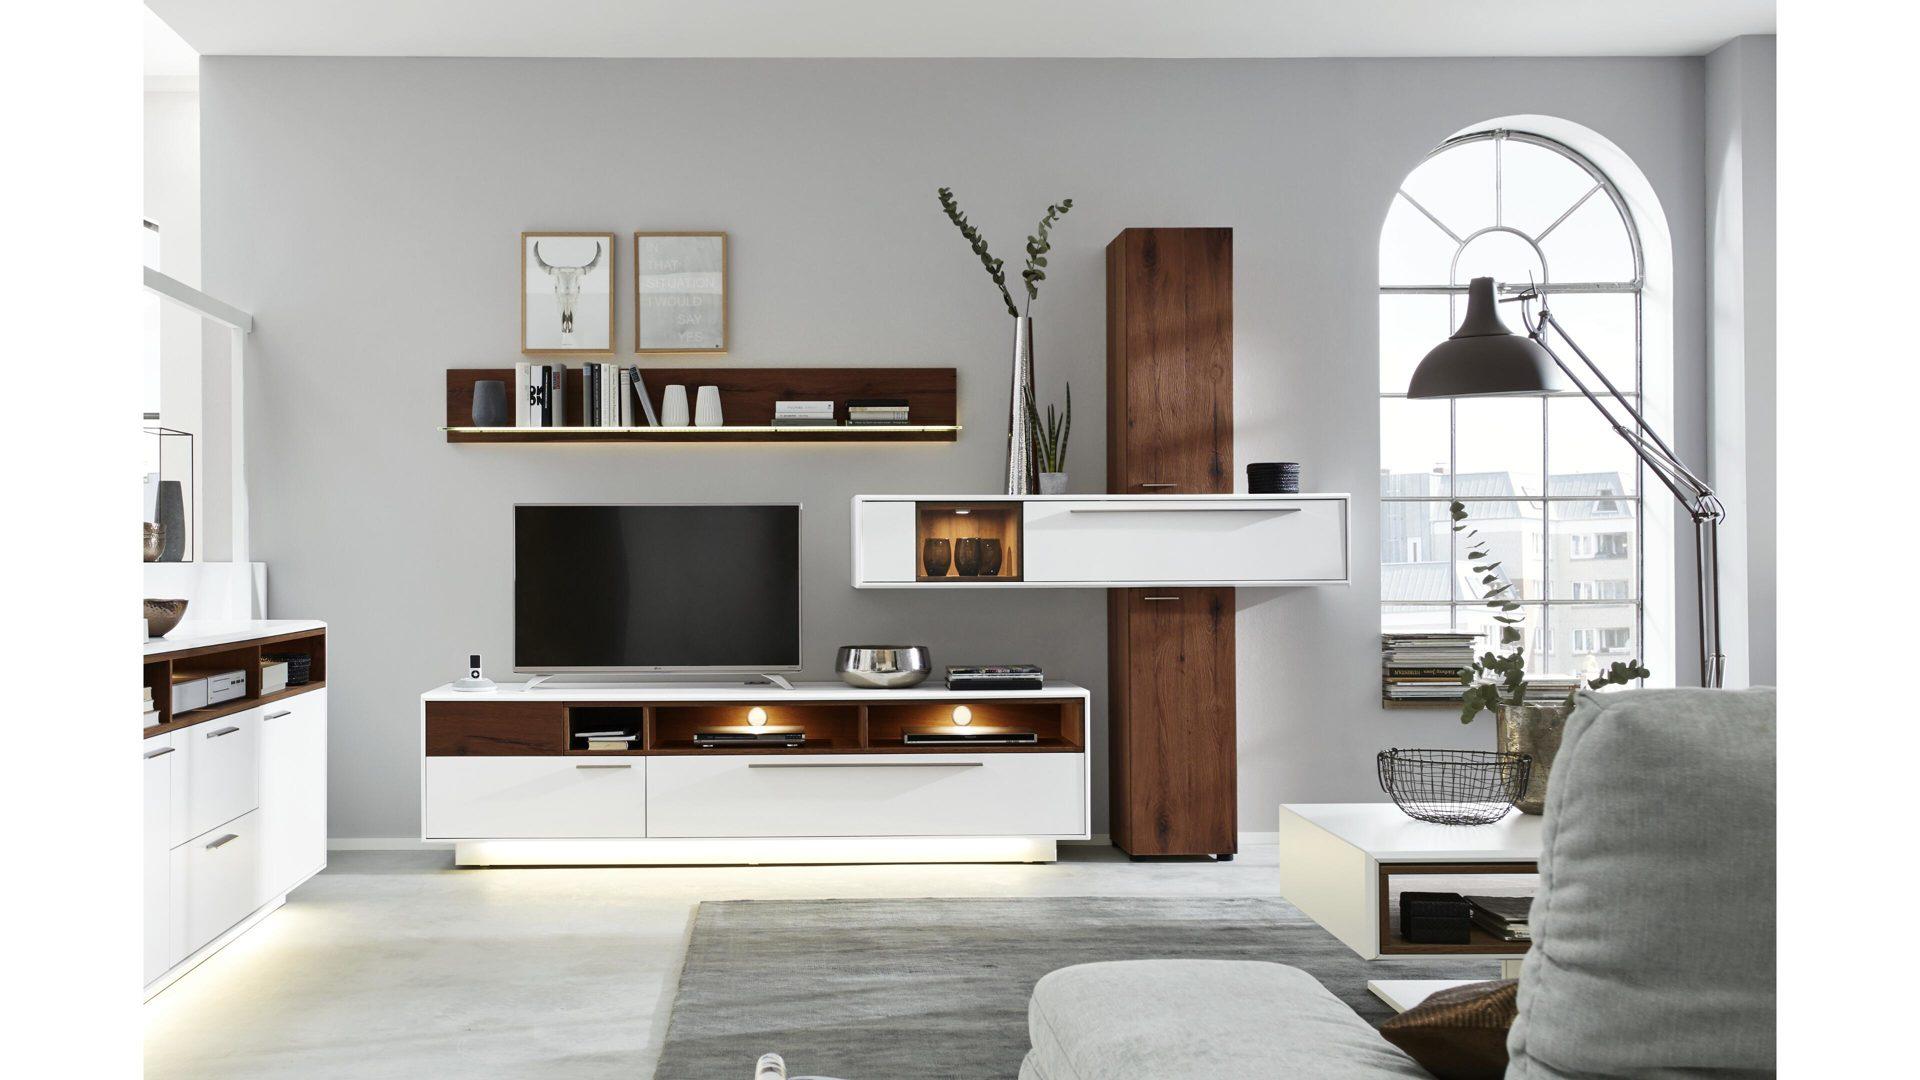 Interliving Wohnzimmer Serie 2102 Wohnkombination Dunkles